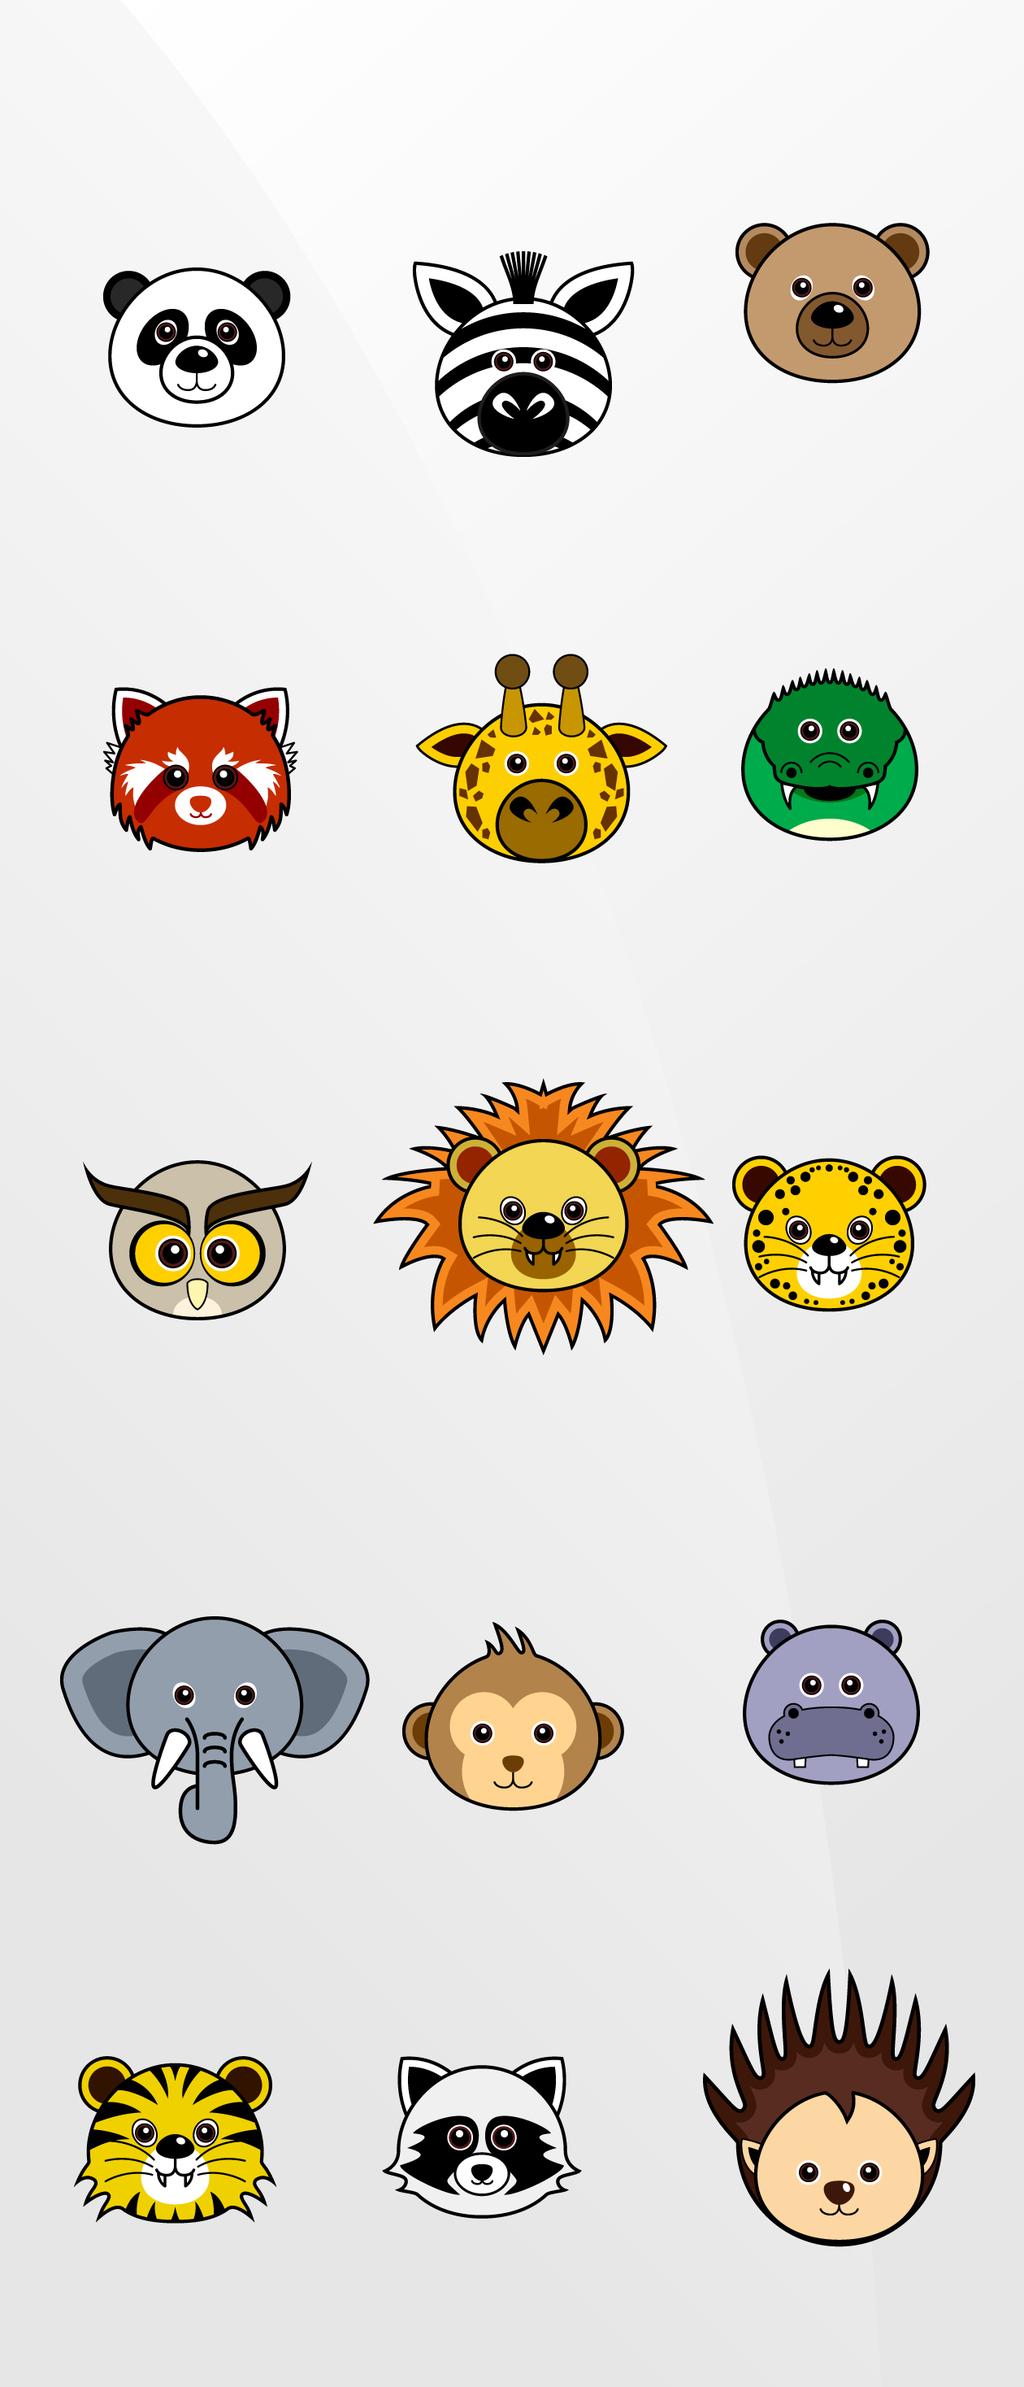 设计元素 自然素材 动物 > 手绘卡通小动物头像猴子熊猫刺猬矢量素材